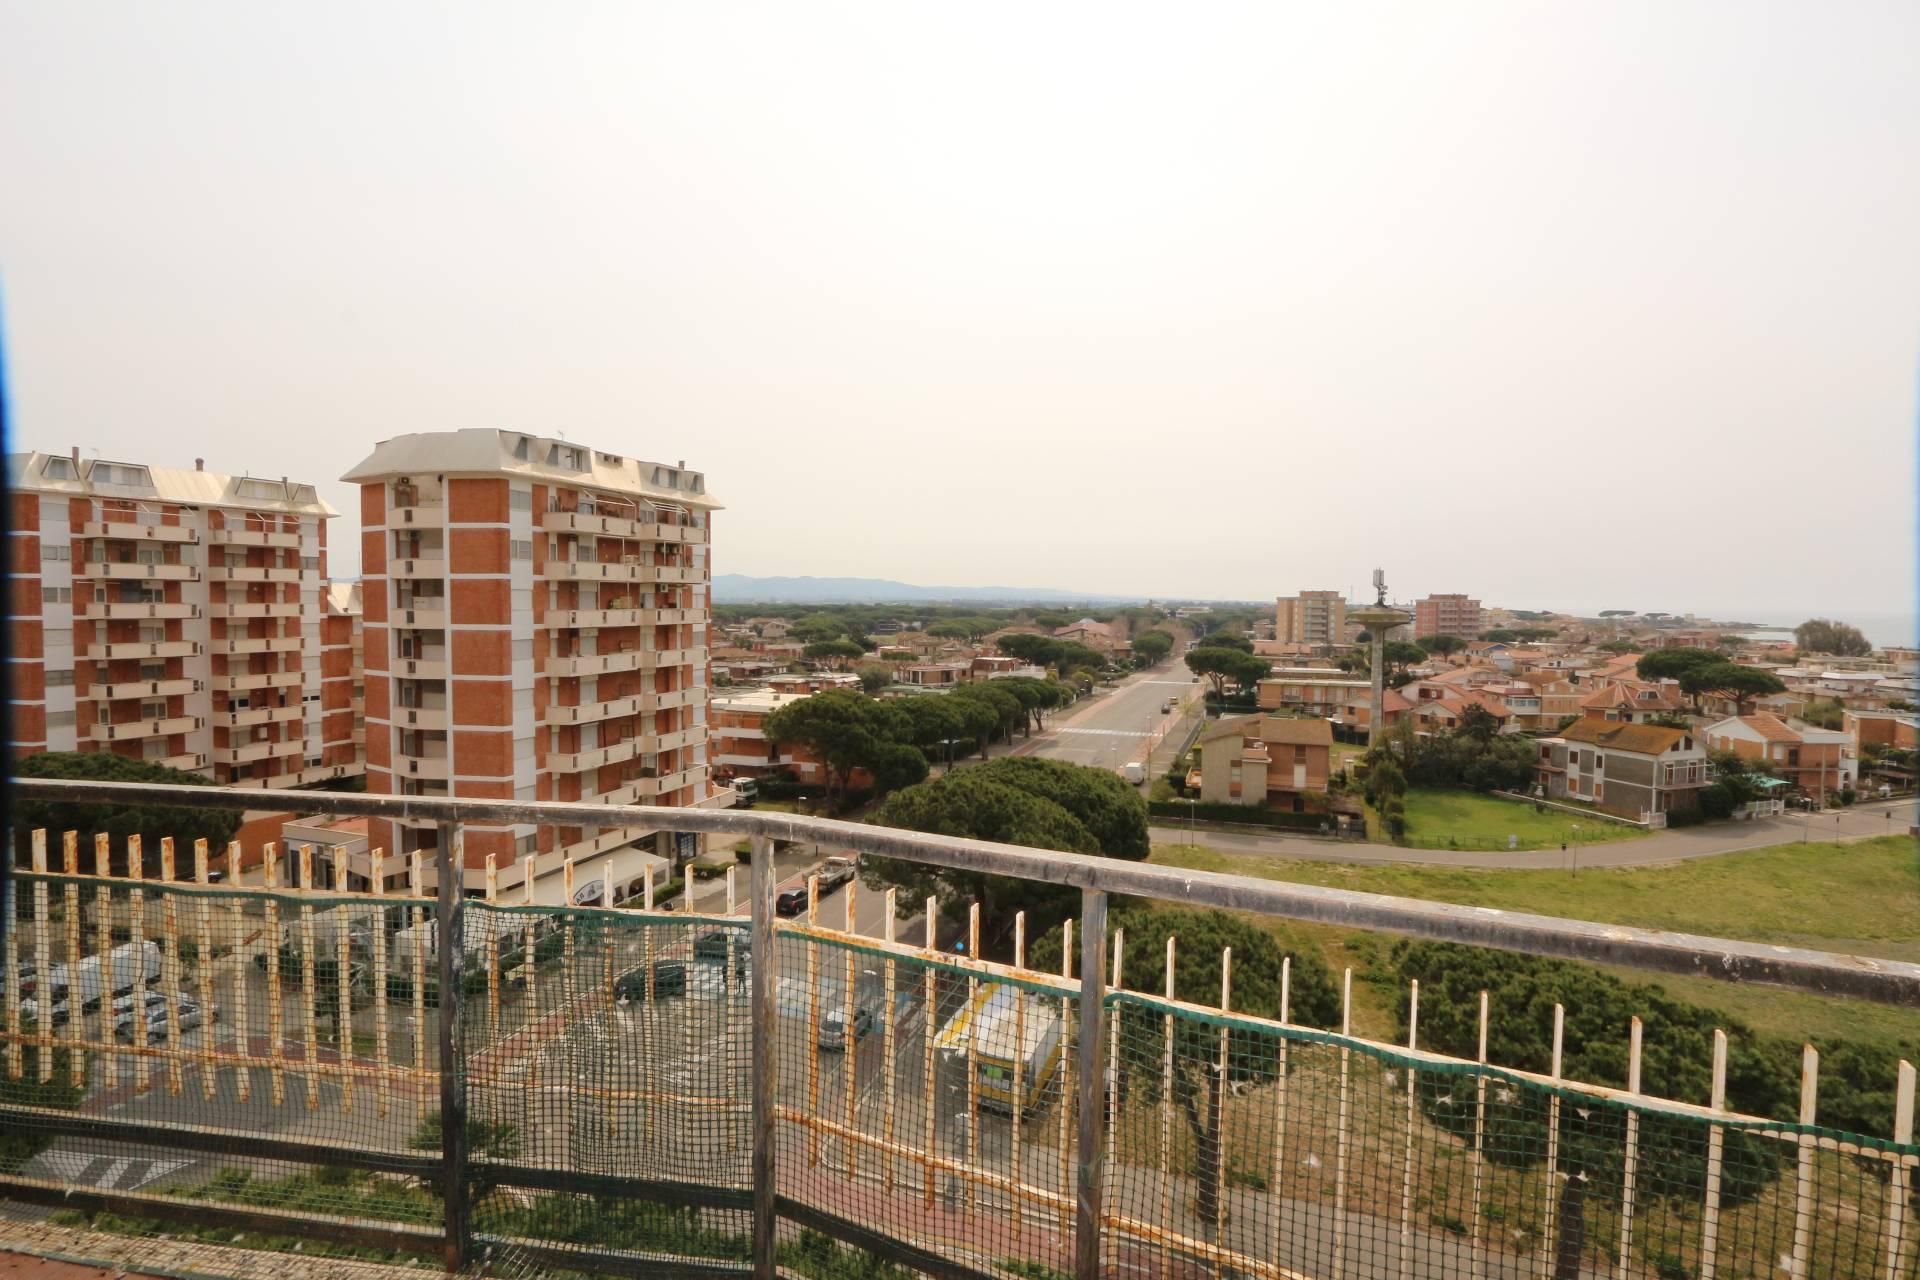 Appartamento in vendita a Tarquinia, 3 locali, zona Località: LidodiTarquinia, prezzo € 115.000 | CambioCasa.it